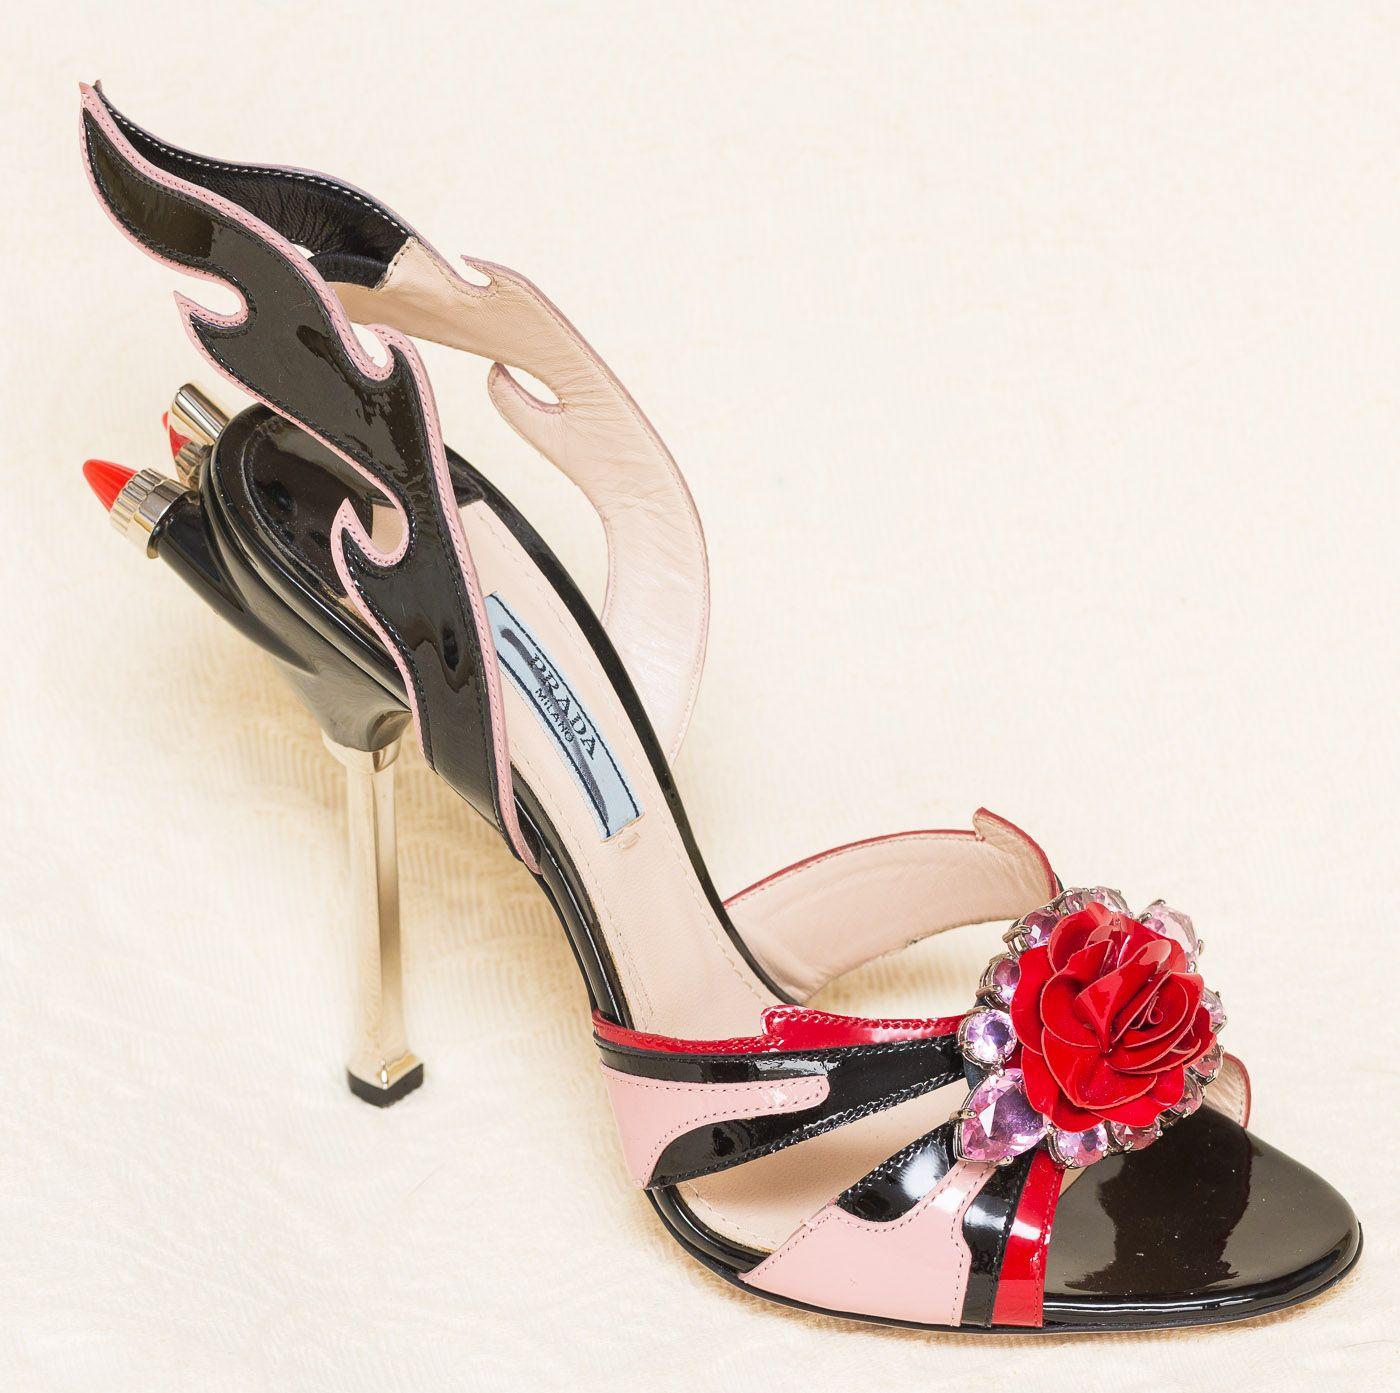 prada shoes 410a refrigerant certification